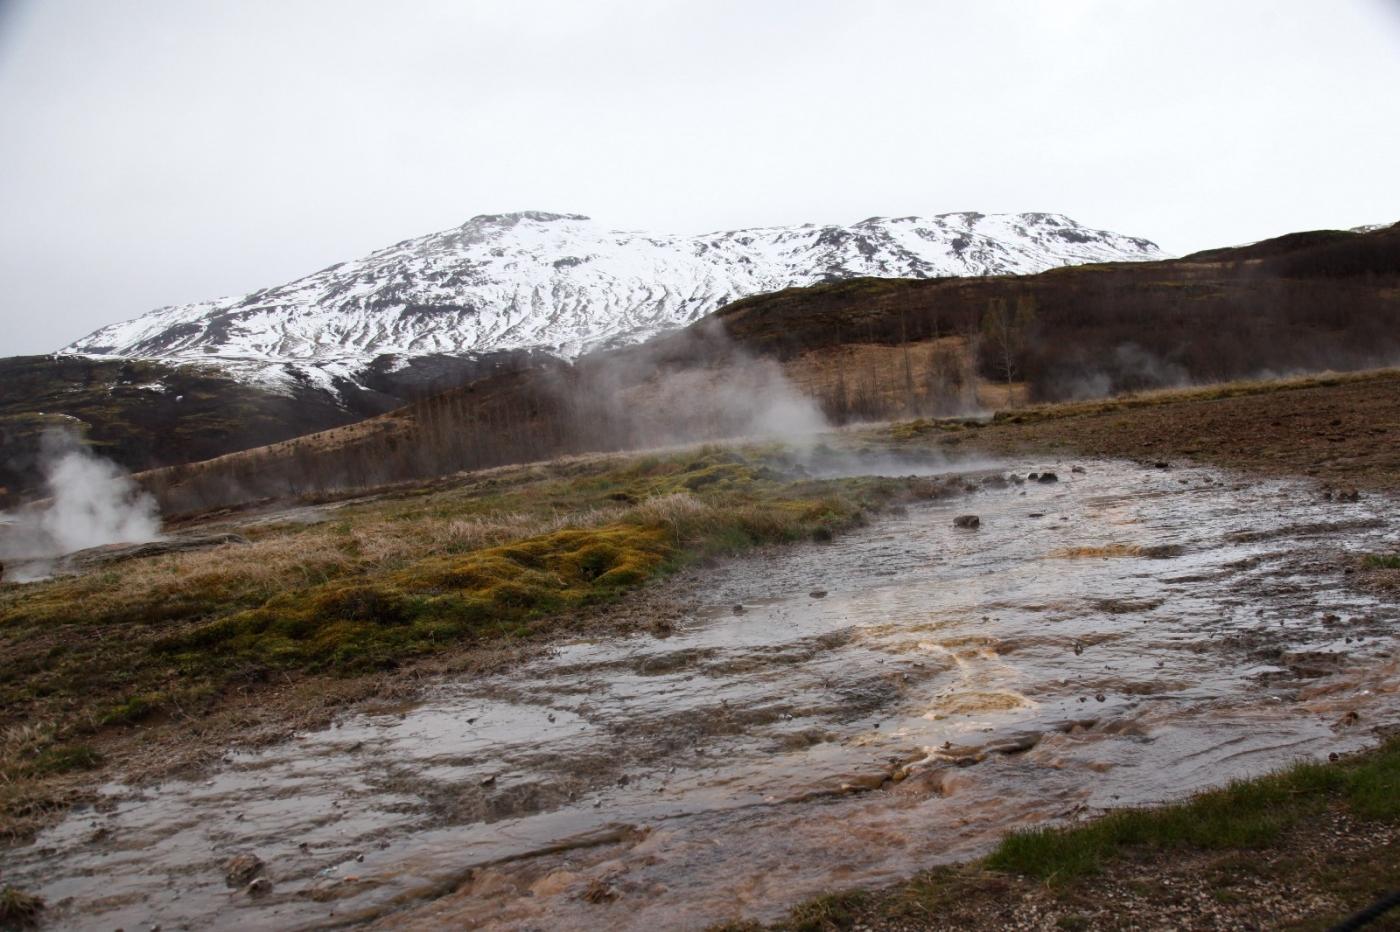 冰岛热带温泉美景,游客流连忘返_图1-16